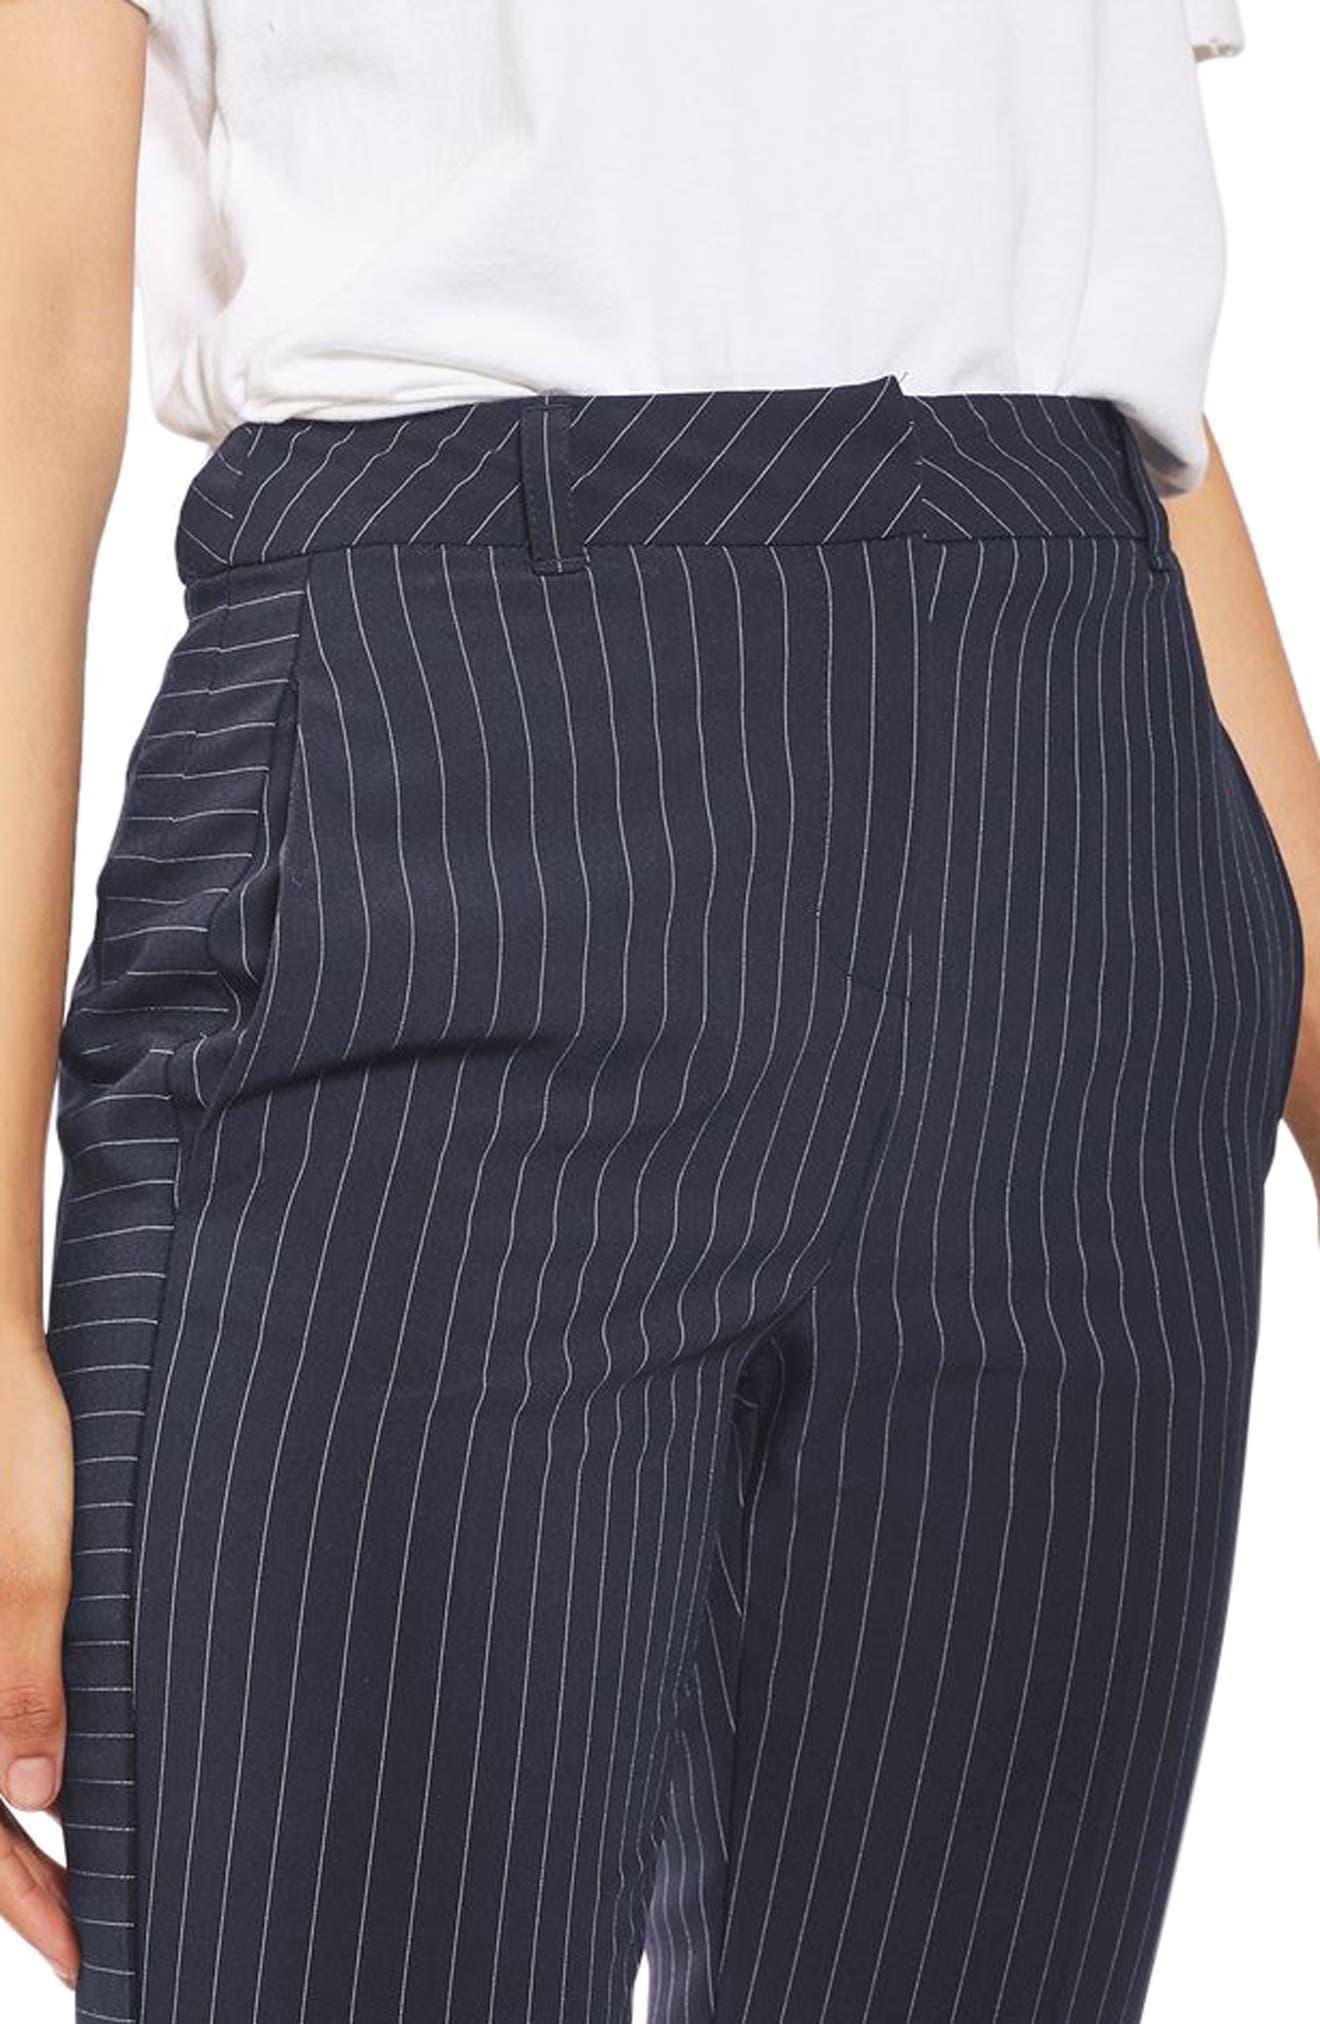 Cut About Pinstripe Cigarette Trousers,                             Alternate thumbnail 3, color,                             410